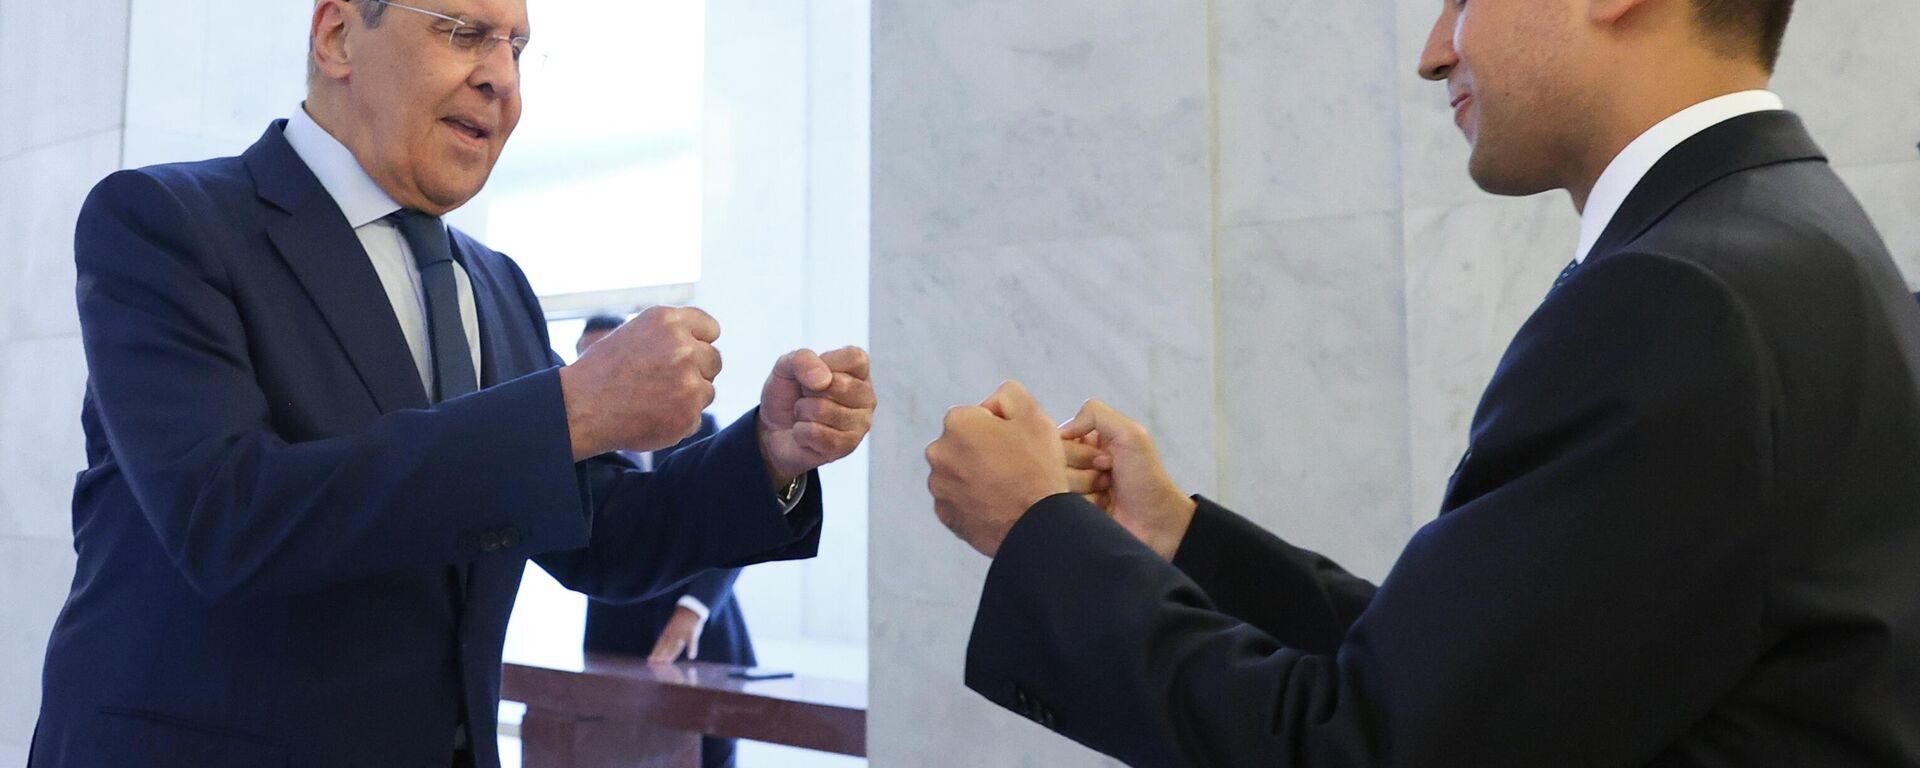 Incontro del Ministro degli Affari Esteri e della Cooperazione Internazionale Luigi Di Maio con il suo omologo russo Sergey Lavrov. - Sputnik Italia, 1920, 07.09.2021